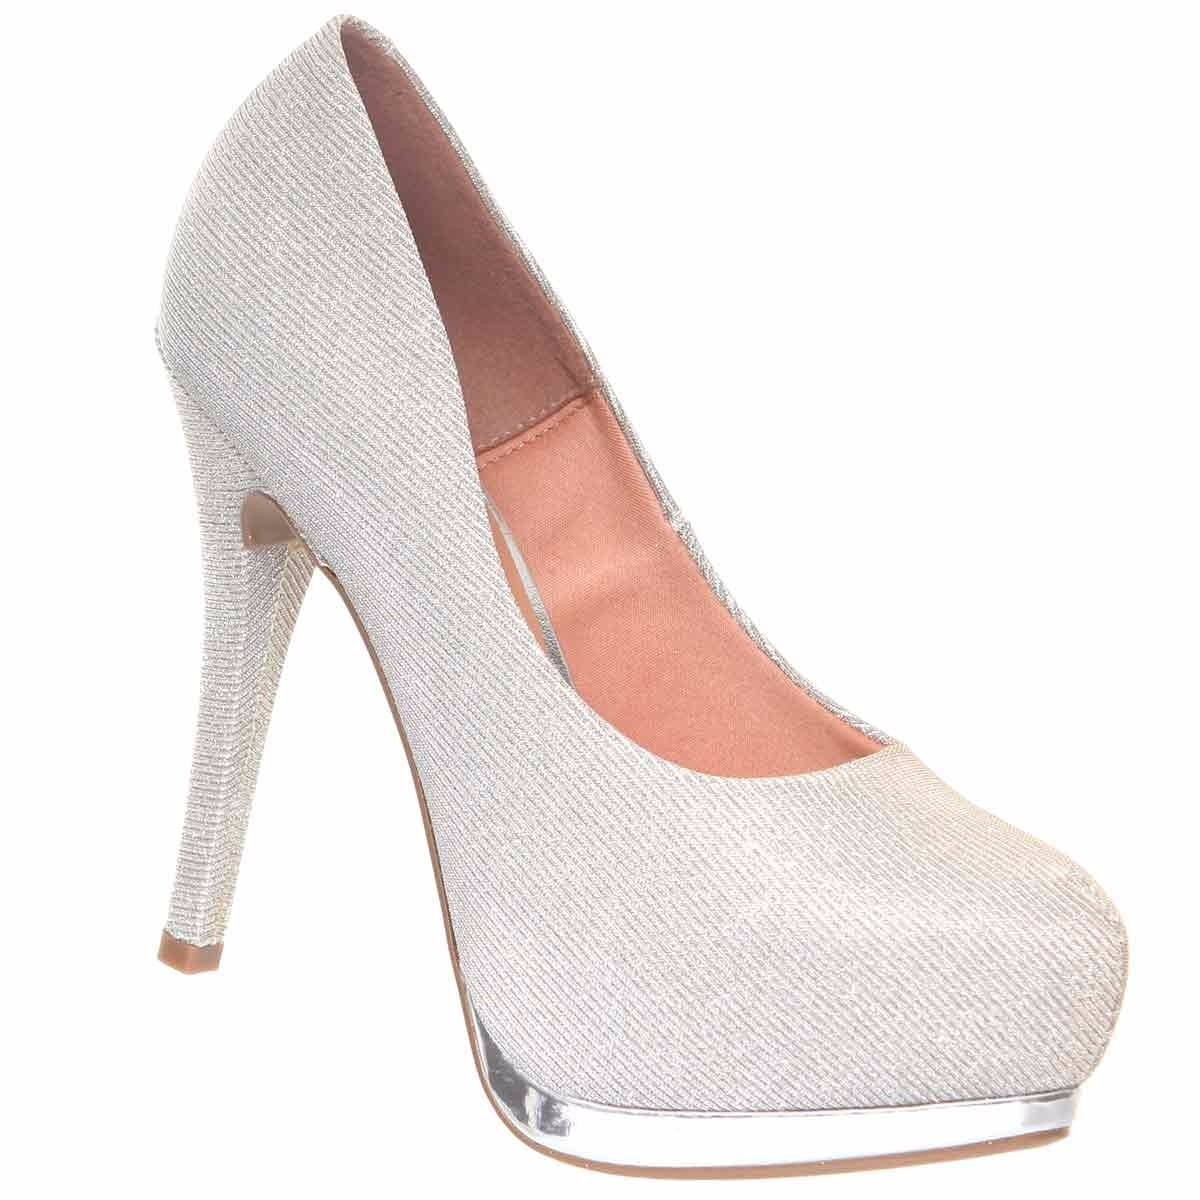 sapato scarpin meia pata vizzano feminino gliter 1157300. Carregando zoom. d839a320b3a2f